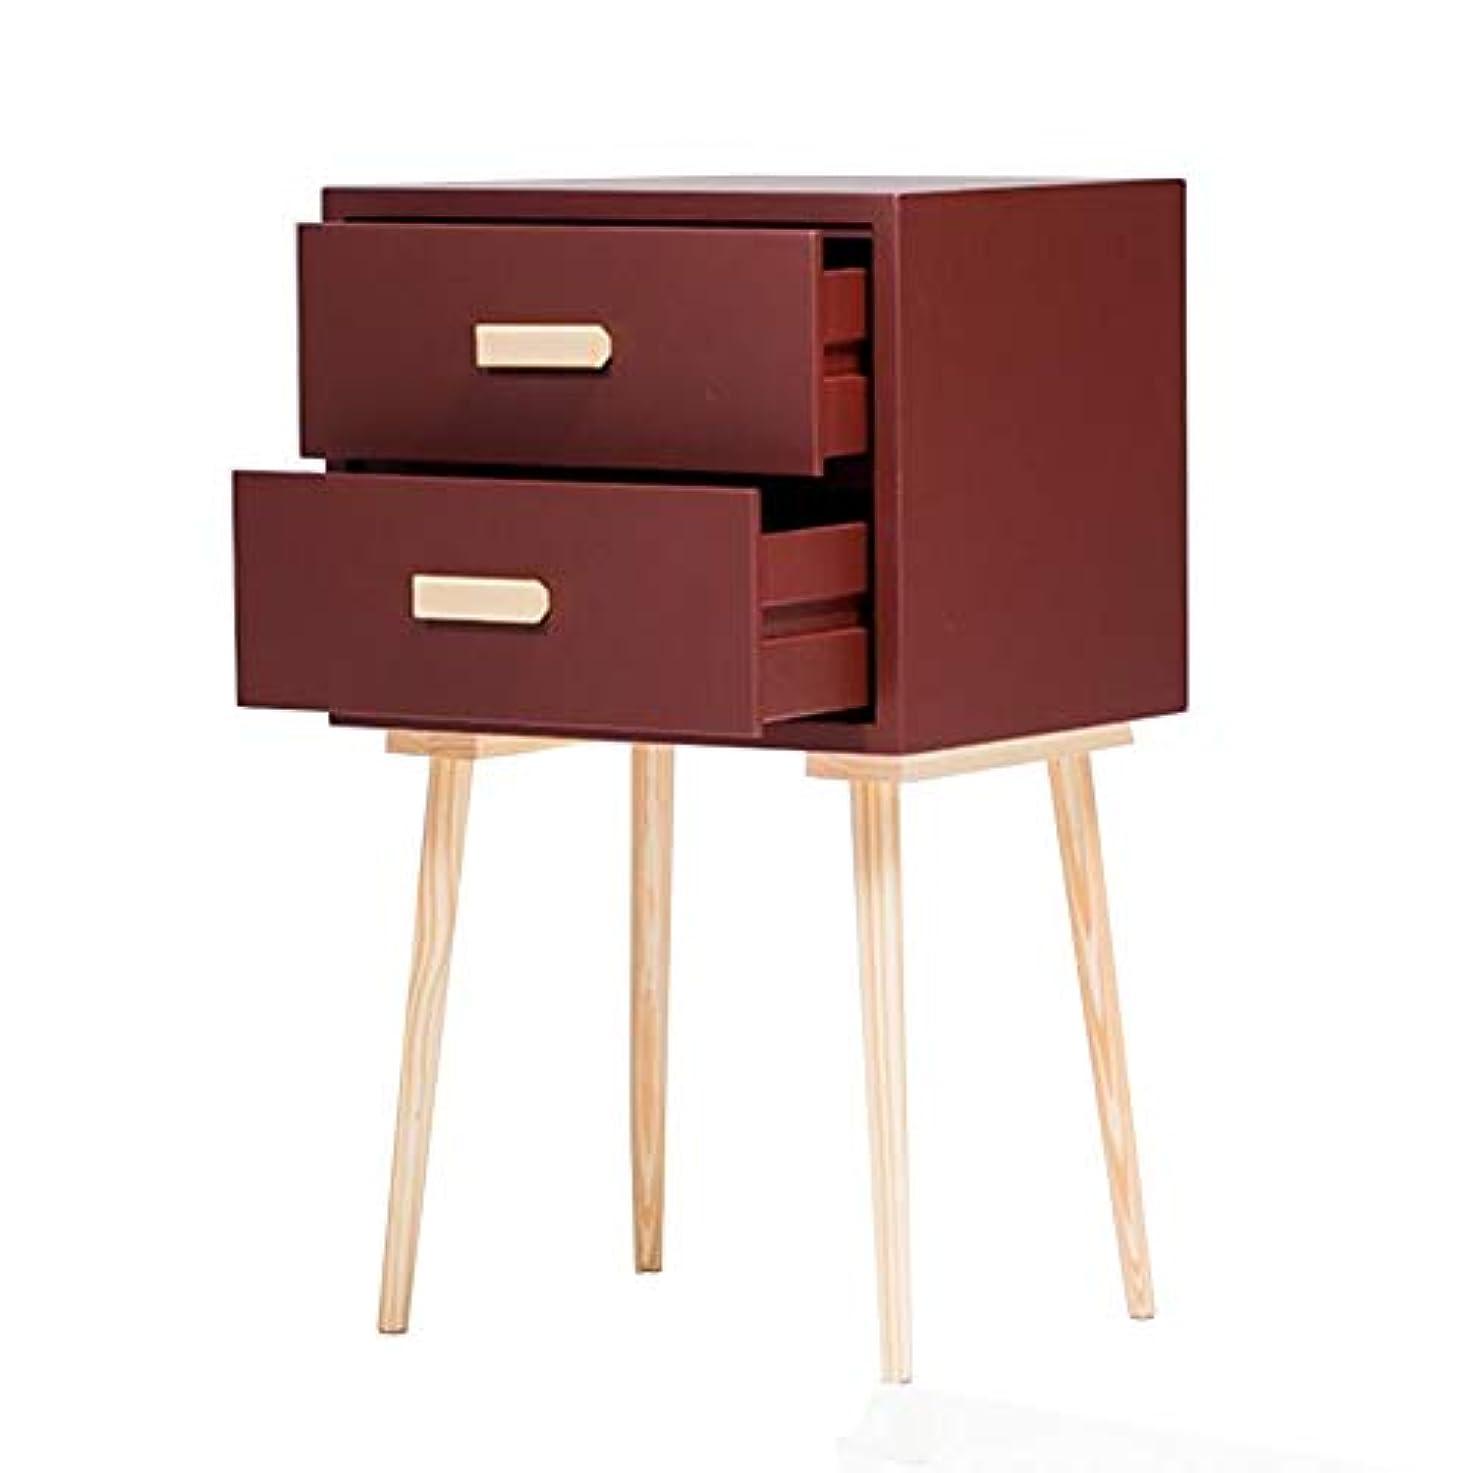 過半数尊厳遠いCJC テーブル、ナイトテーブルベッドサイドテーブル、引き出し、ベッドルームモダンデザイン、丈夫、多色多機能 (色 : Dark red)